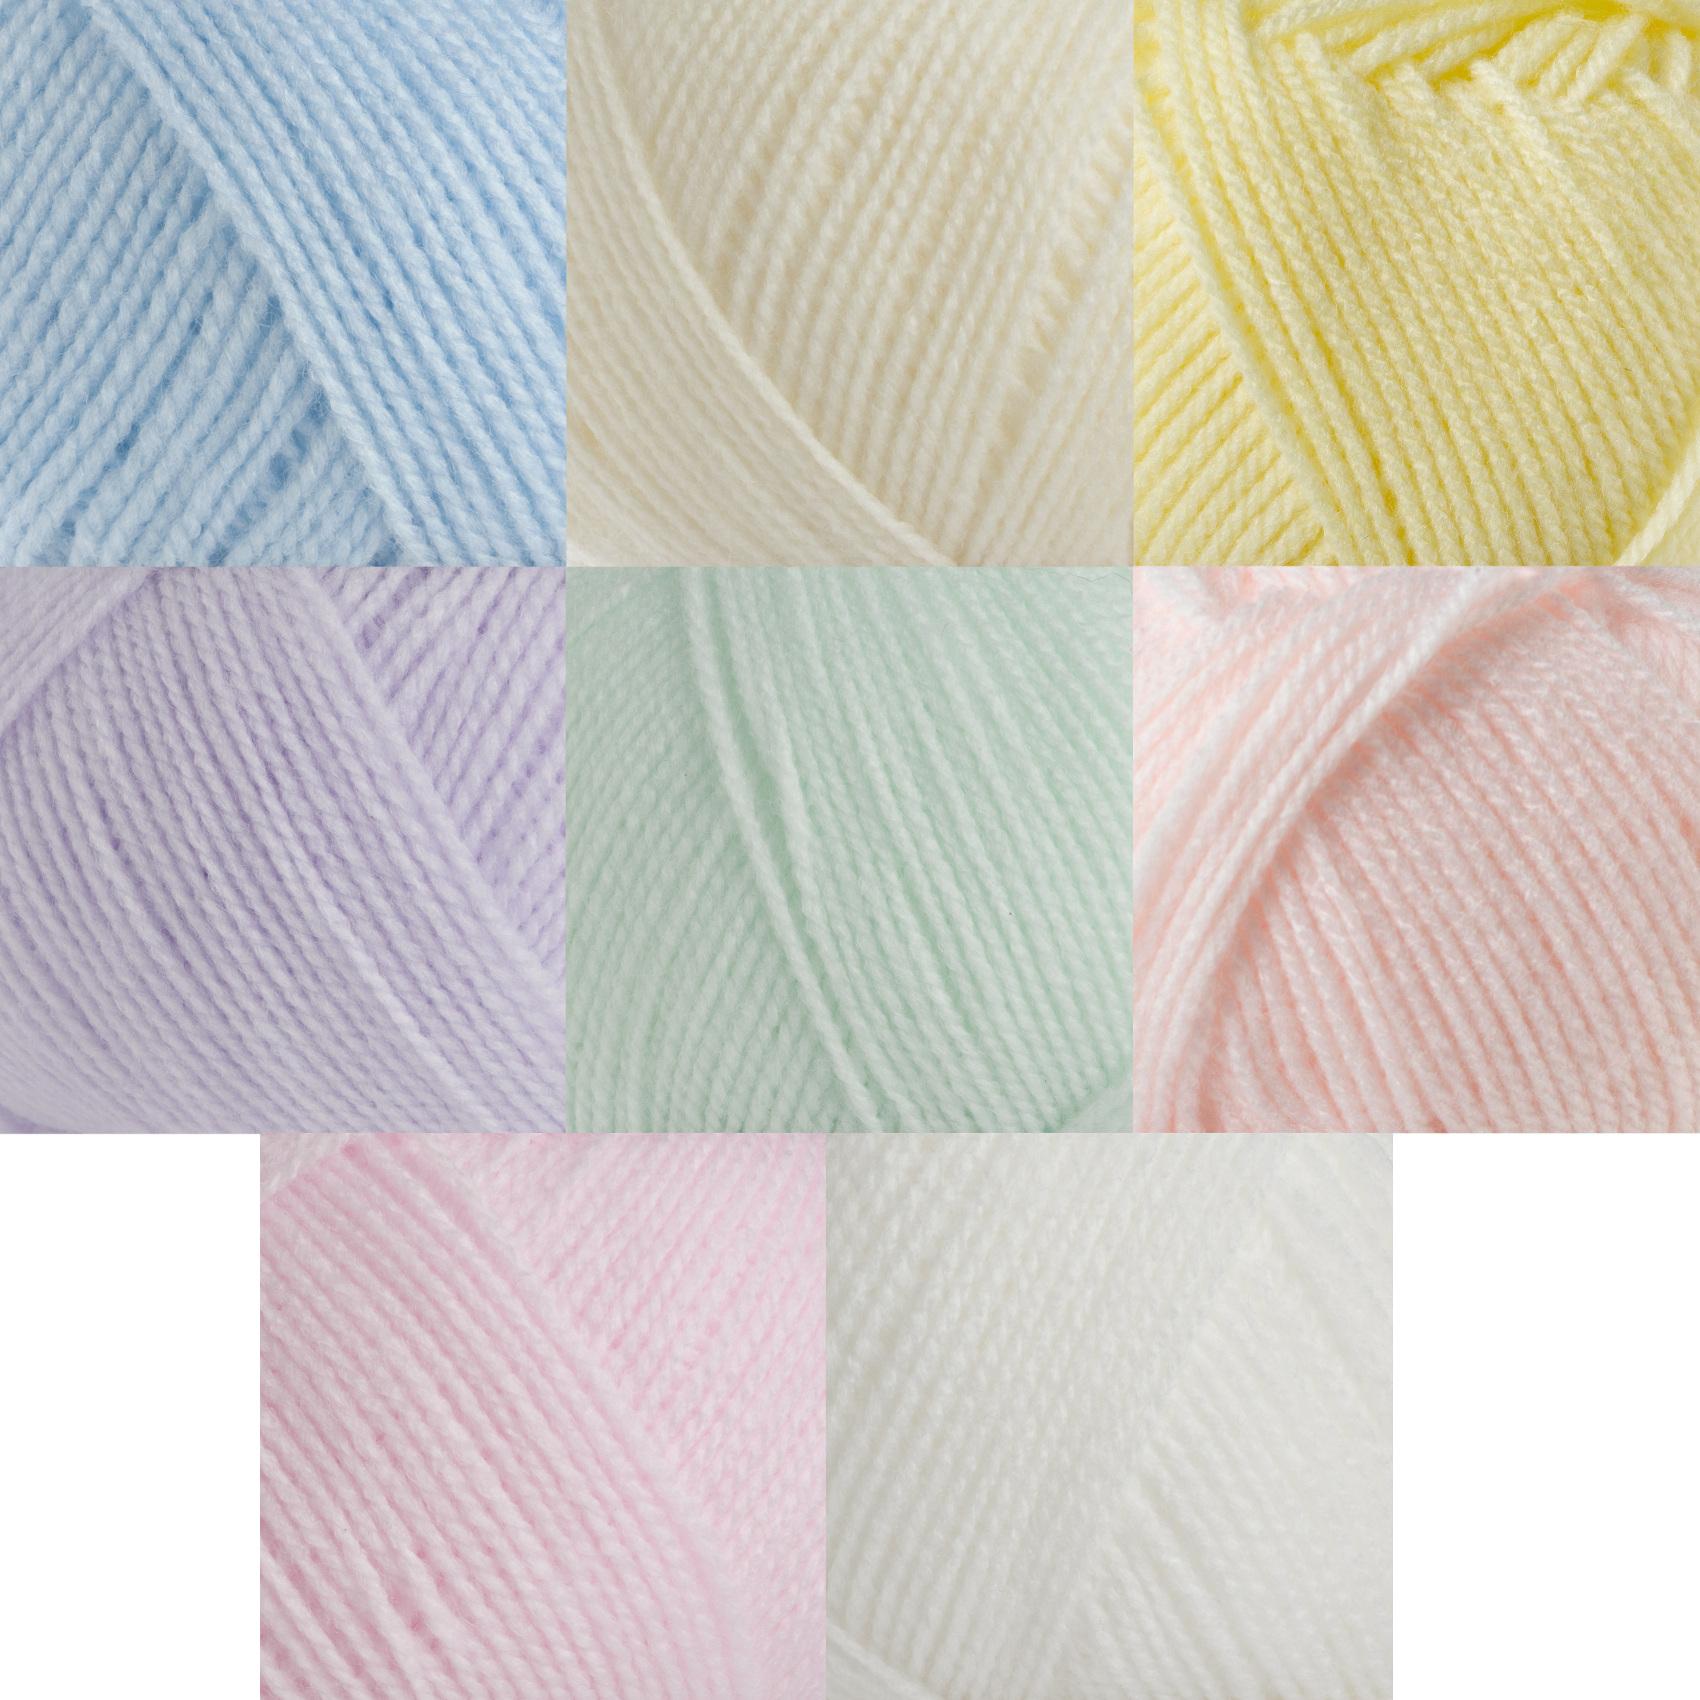 Aran Yarn : ... Brett Baby Aran Knitting Wool 100g / 500g Super Soft Craft Pastel Yarn